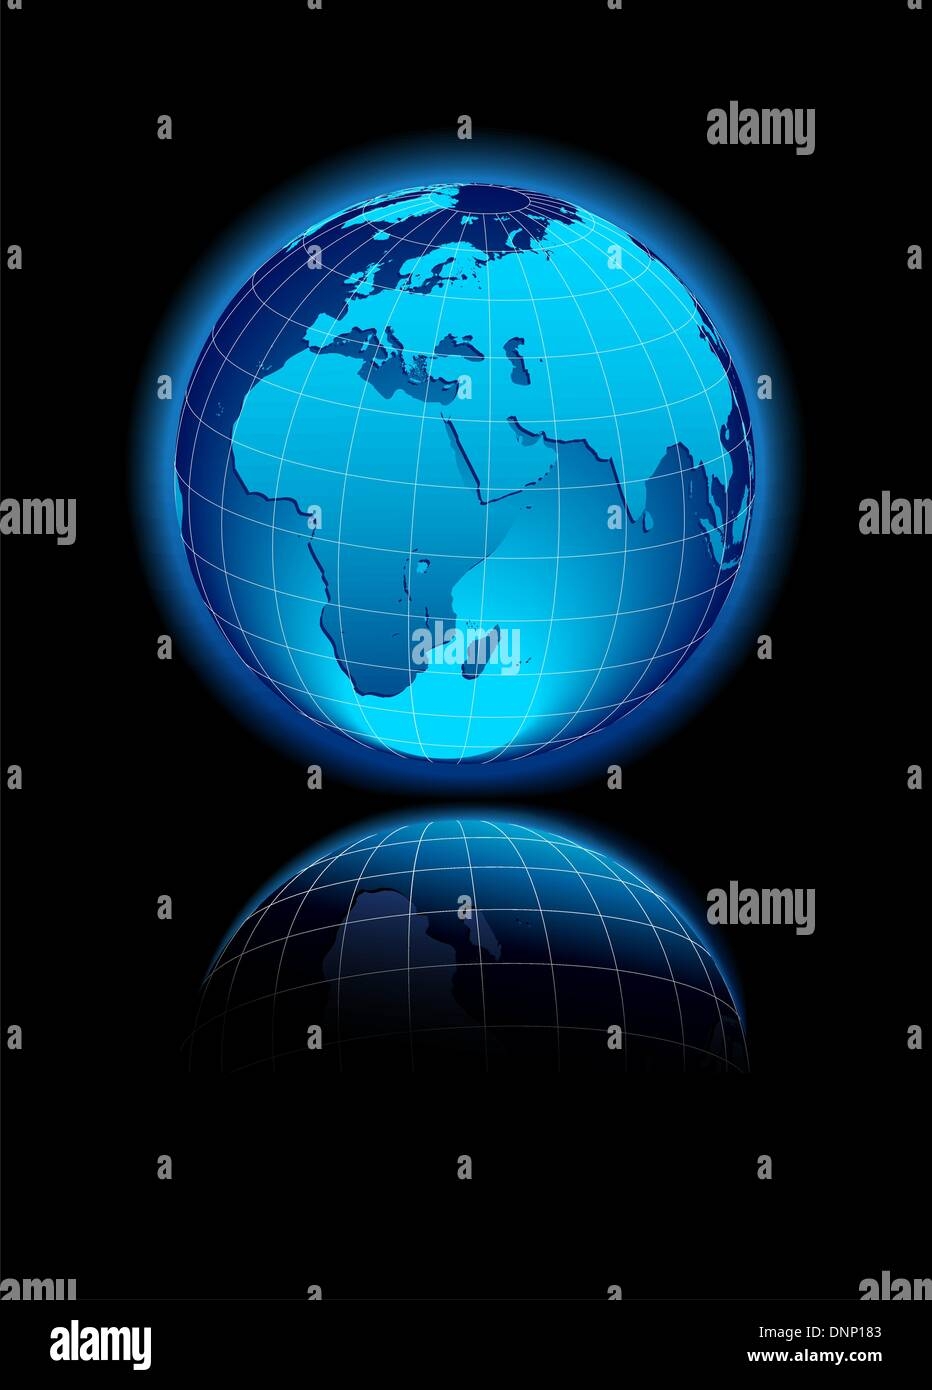 L'icône de carte vectorielle du monde en forme de globe - Afrique, Moyen-Orient Photo Stock